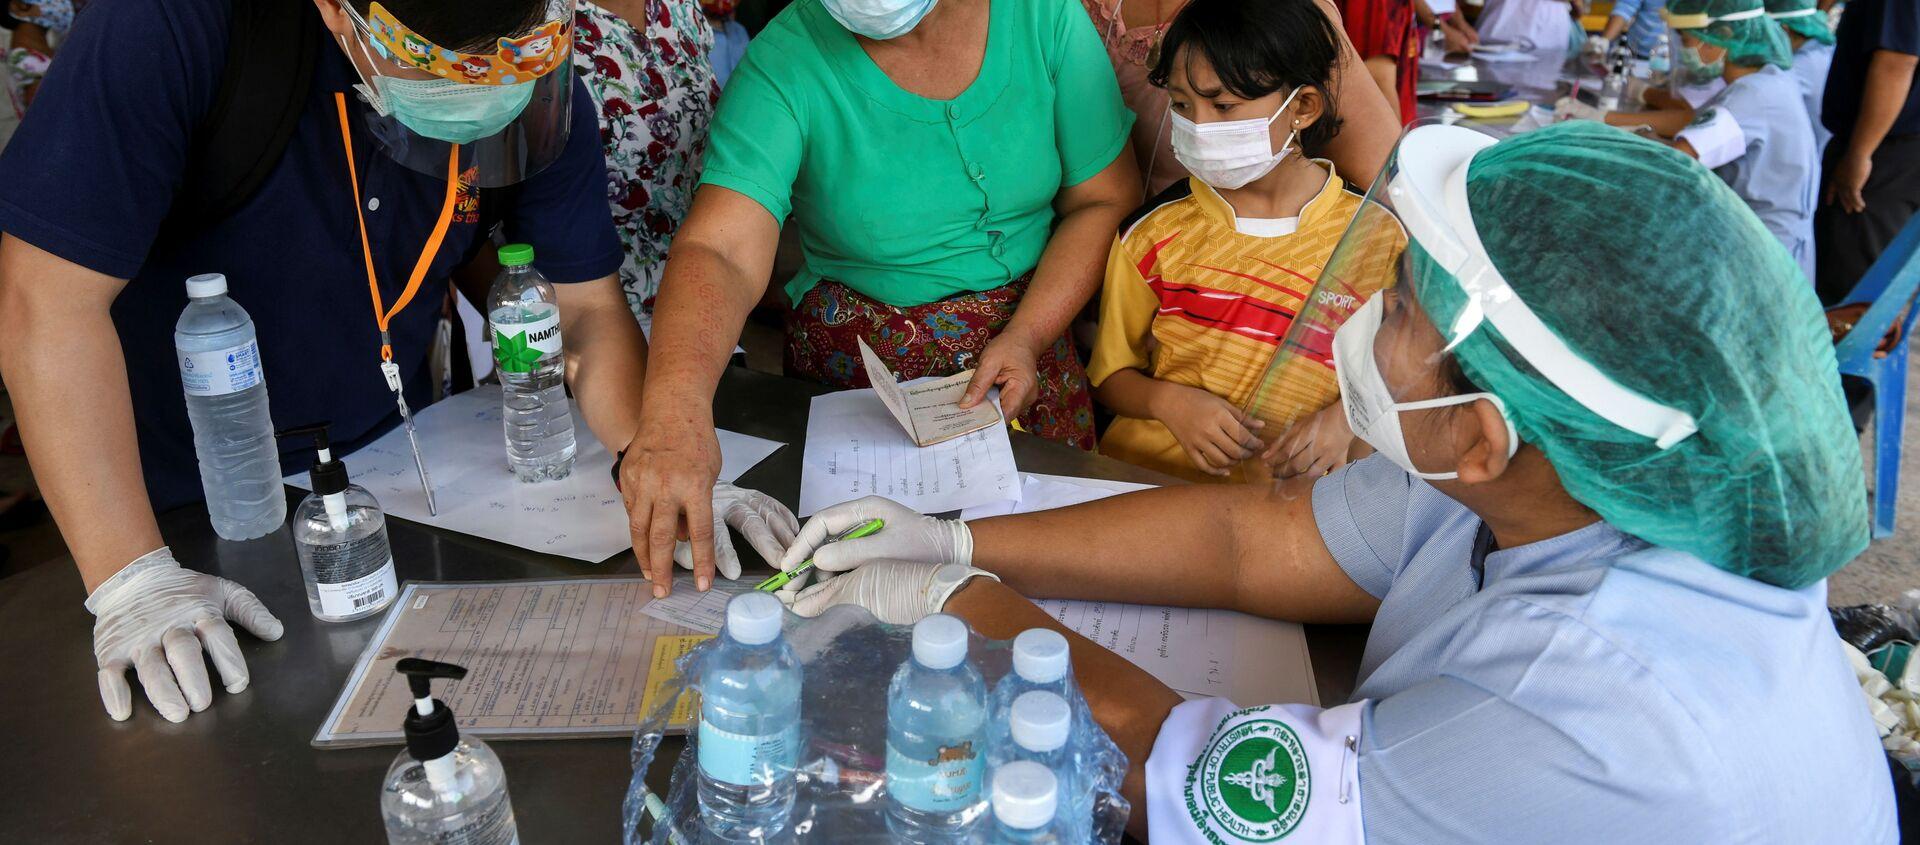 Công nhân đang được kiểm tra về coronavirus ở Thái Lan. - Sputnik Việt Nam, 1920, 30.12.2020